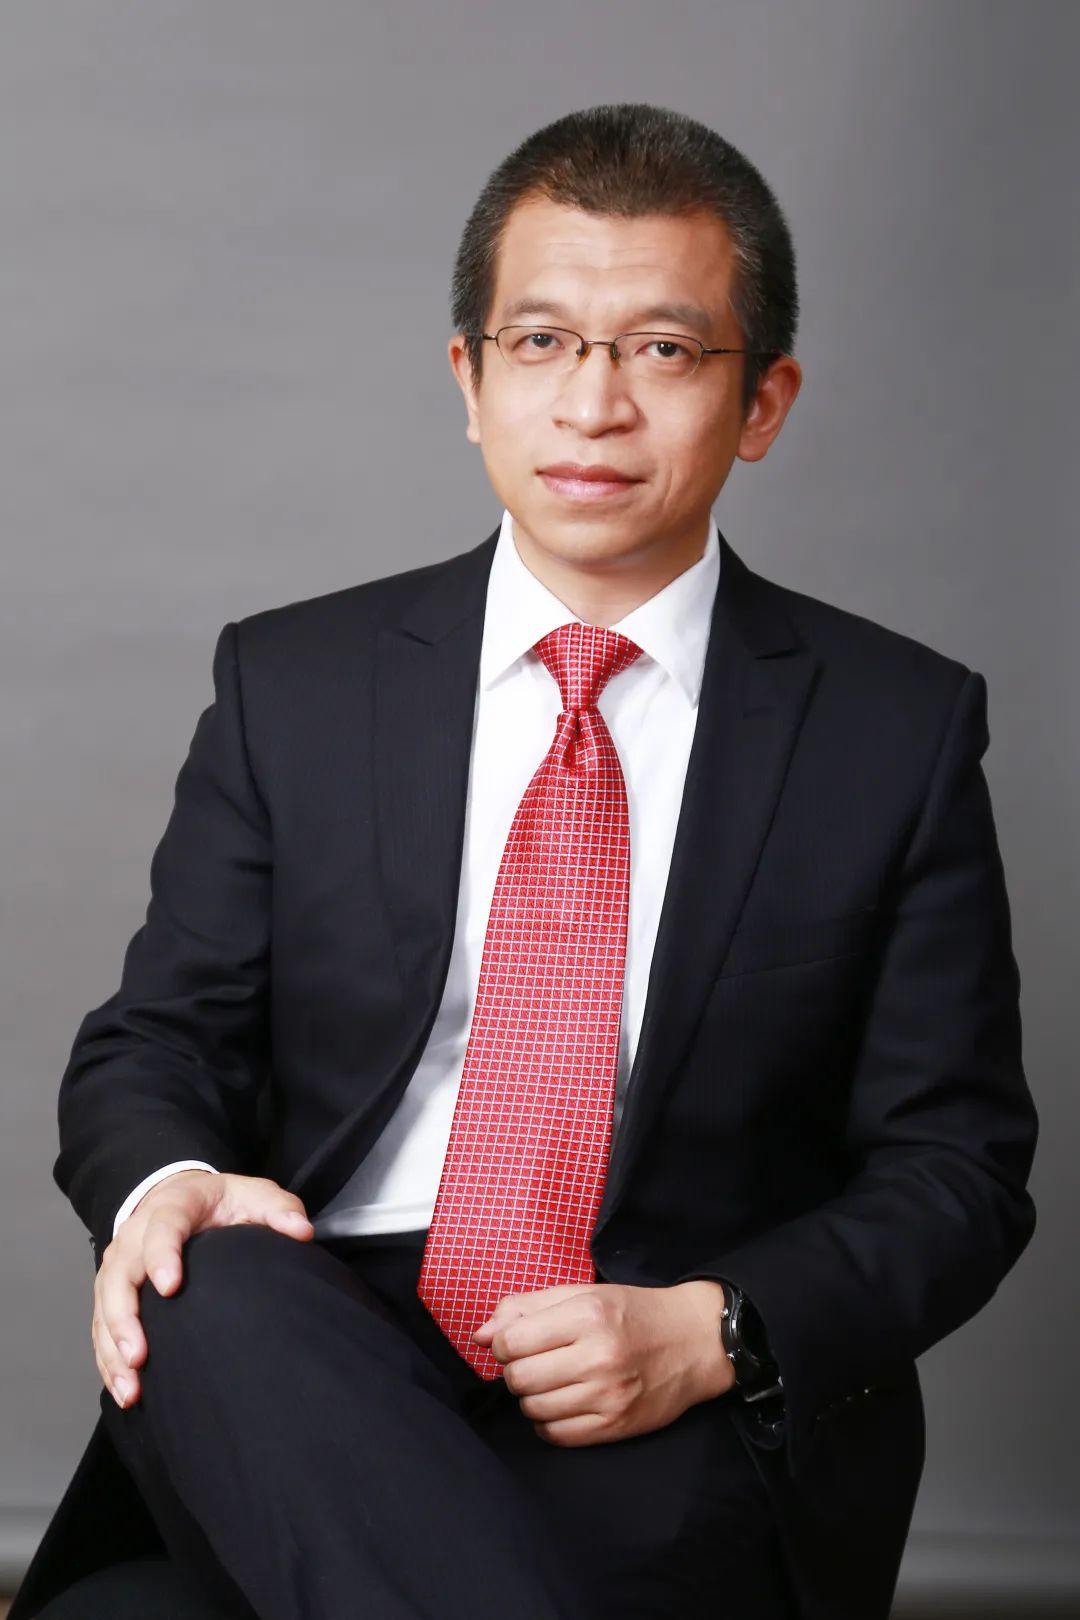 民生加银何江:中国科技红利释放 中证200指数投资价值凸显